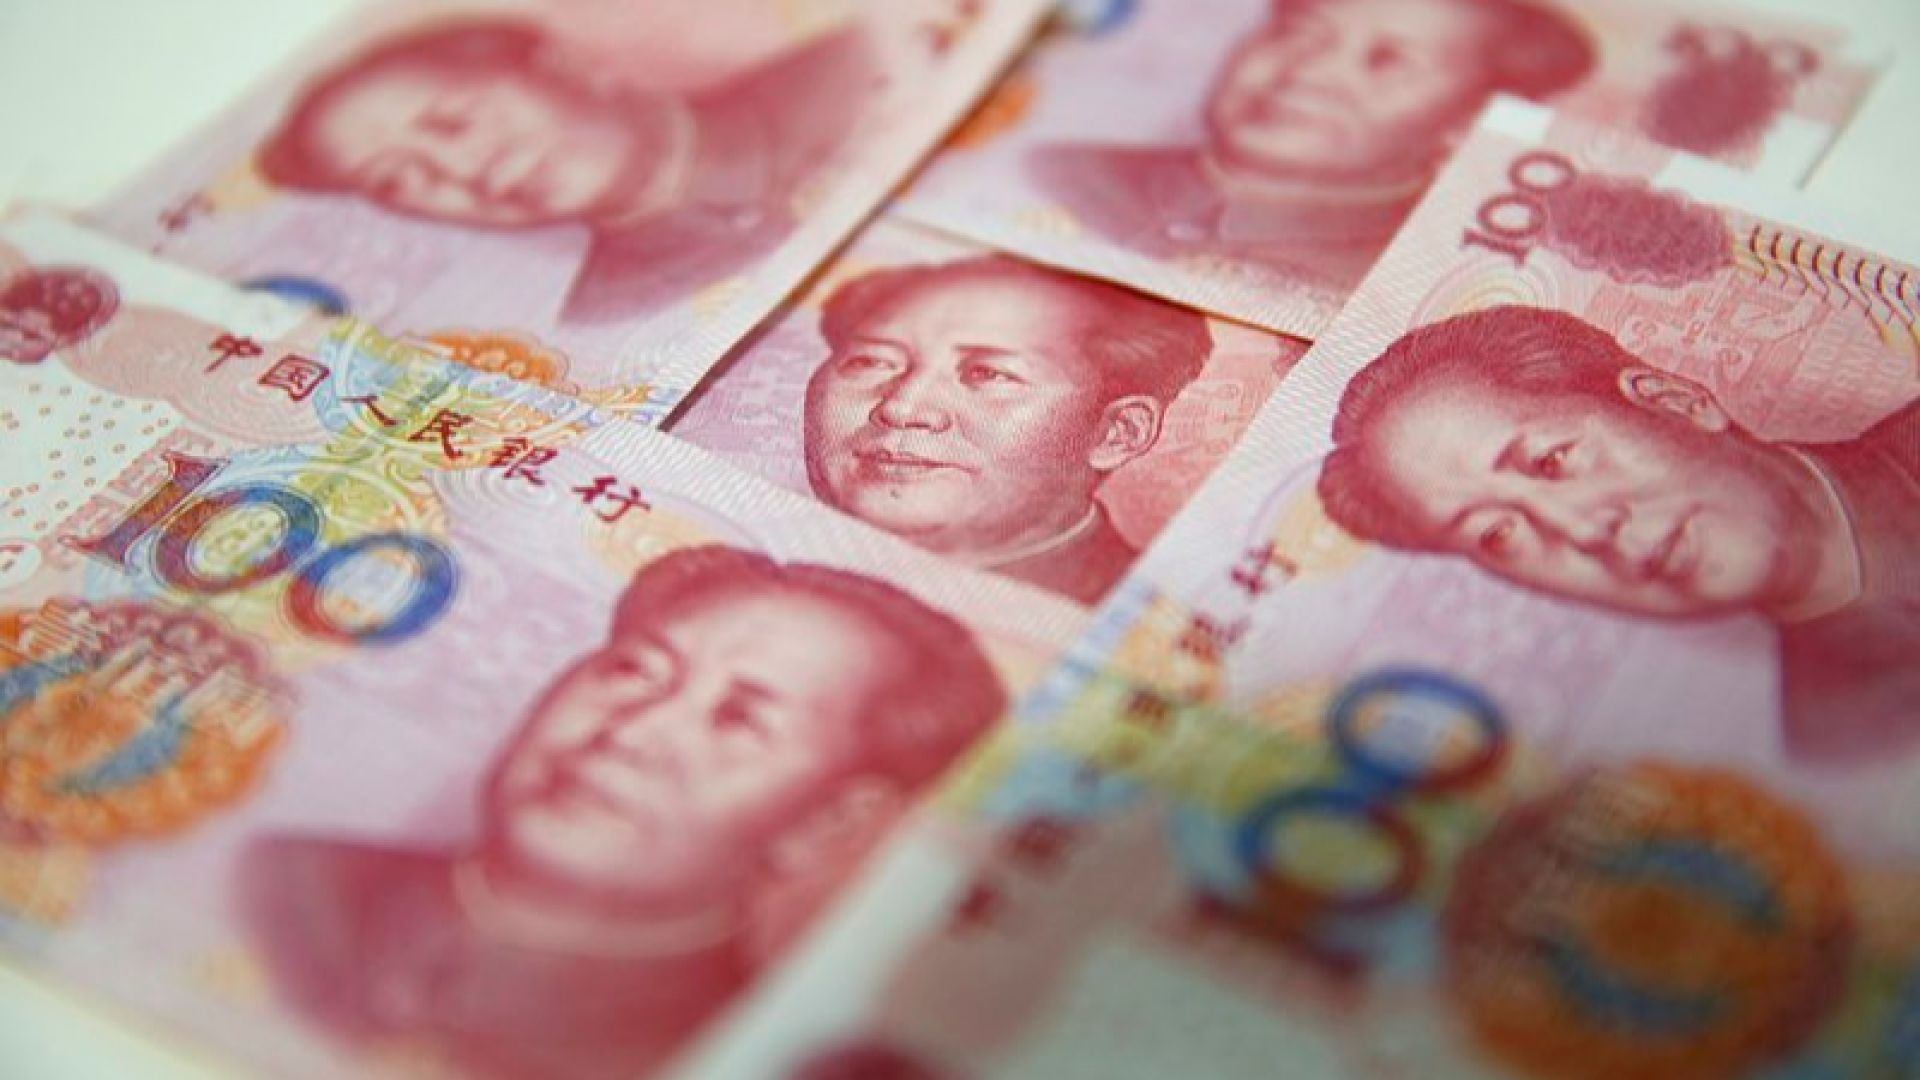 Износът и вносът на Китай са се свили заради коронавируса и търговското напрежение със САЩ